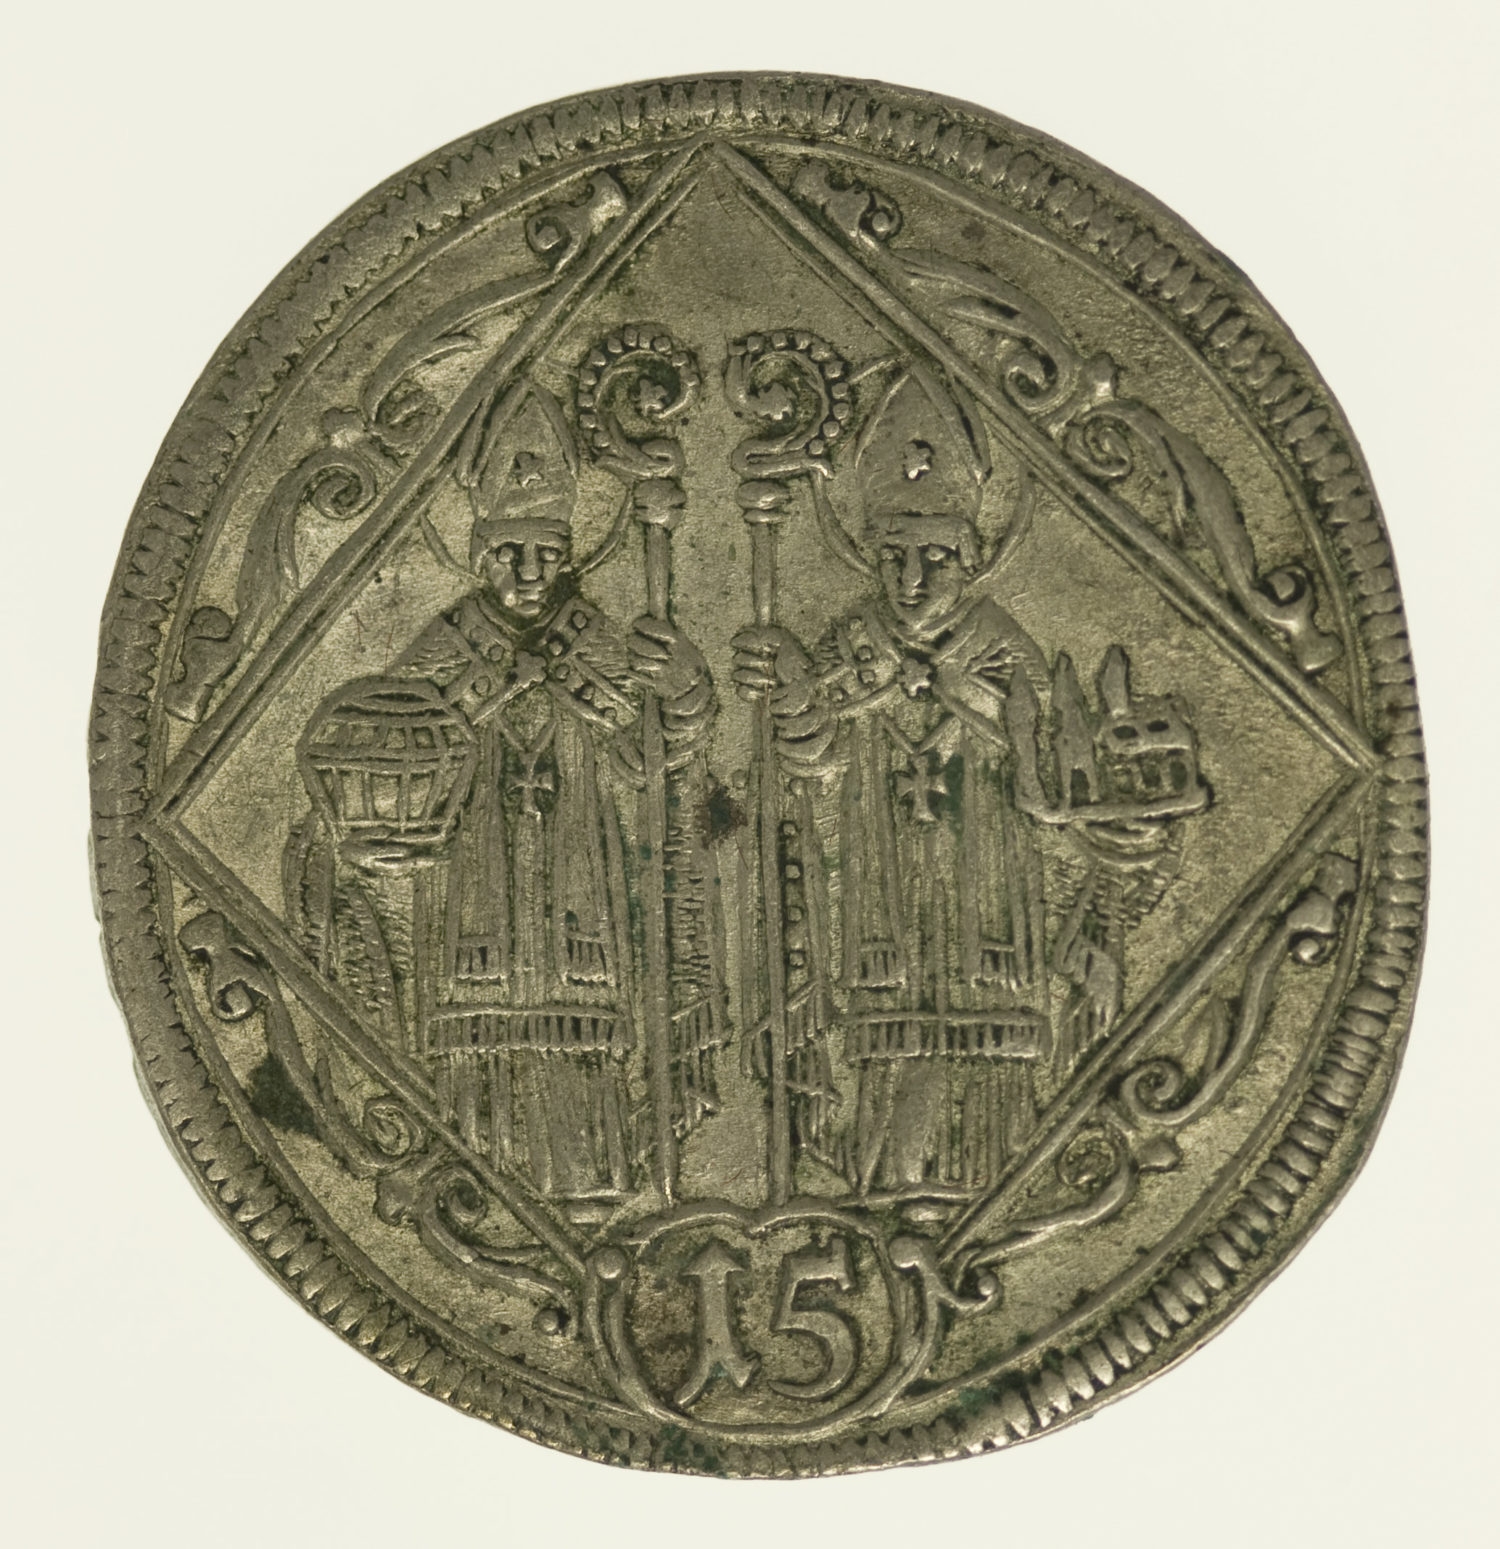 oesterreich-silbermuenzen-uebriges-europa - Österreich Salzburg 15 Kreuzer 1694